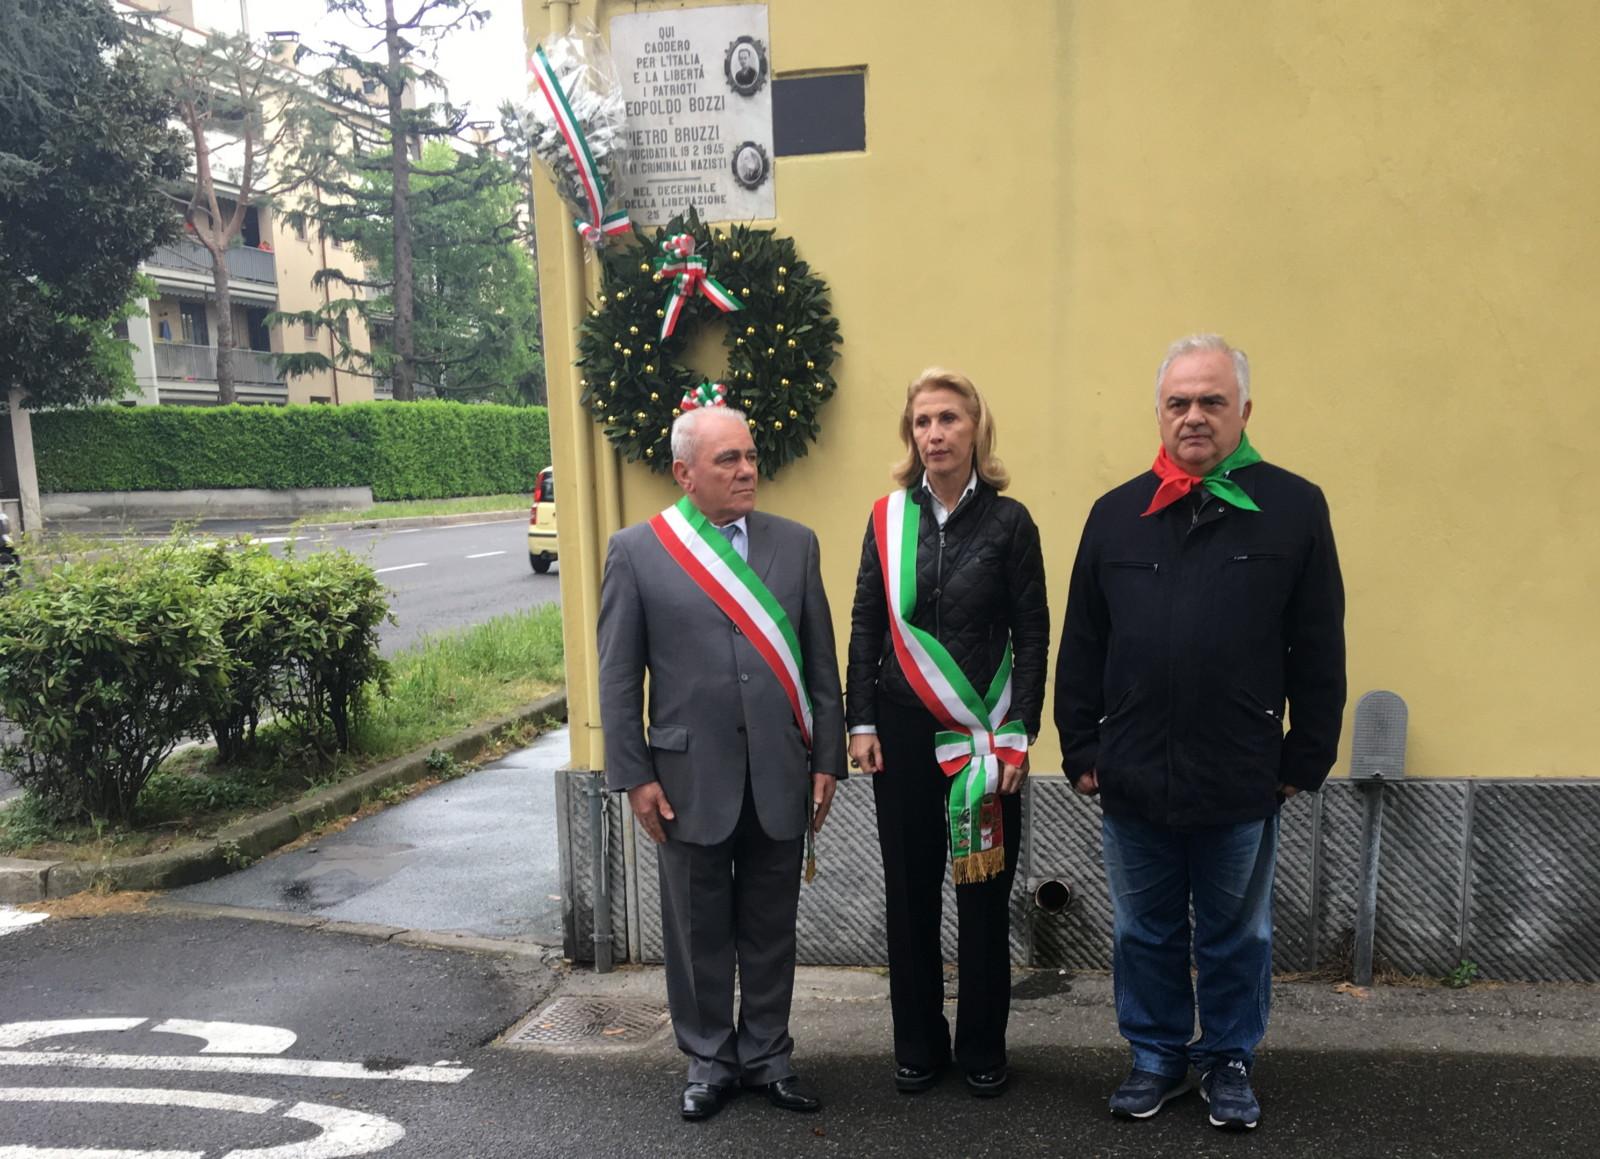 Il Sindaco Vercesi condanna gli atti vandalici con manifesti imbrattati per il 25 aprile a San Vittore Olona